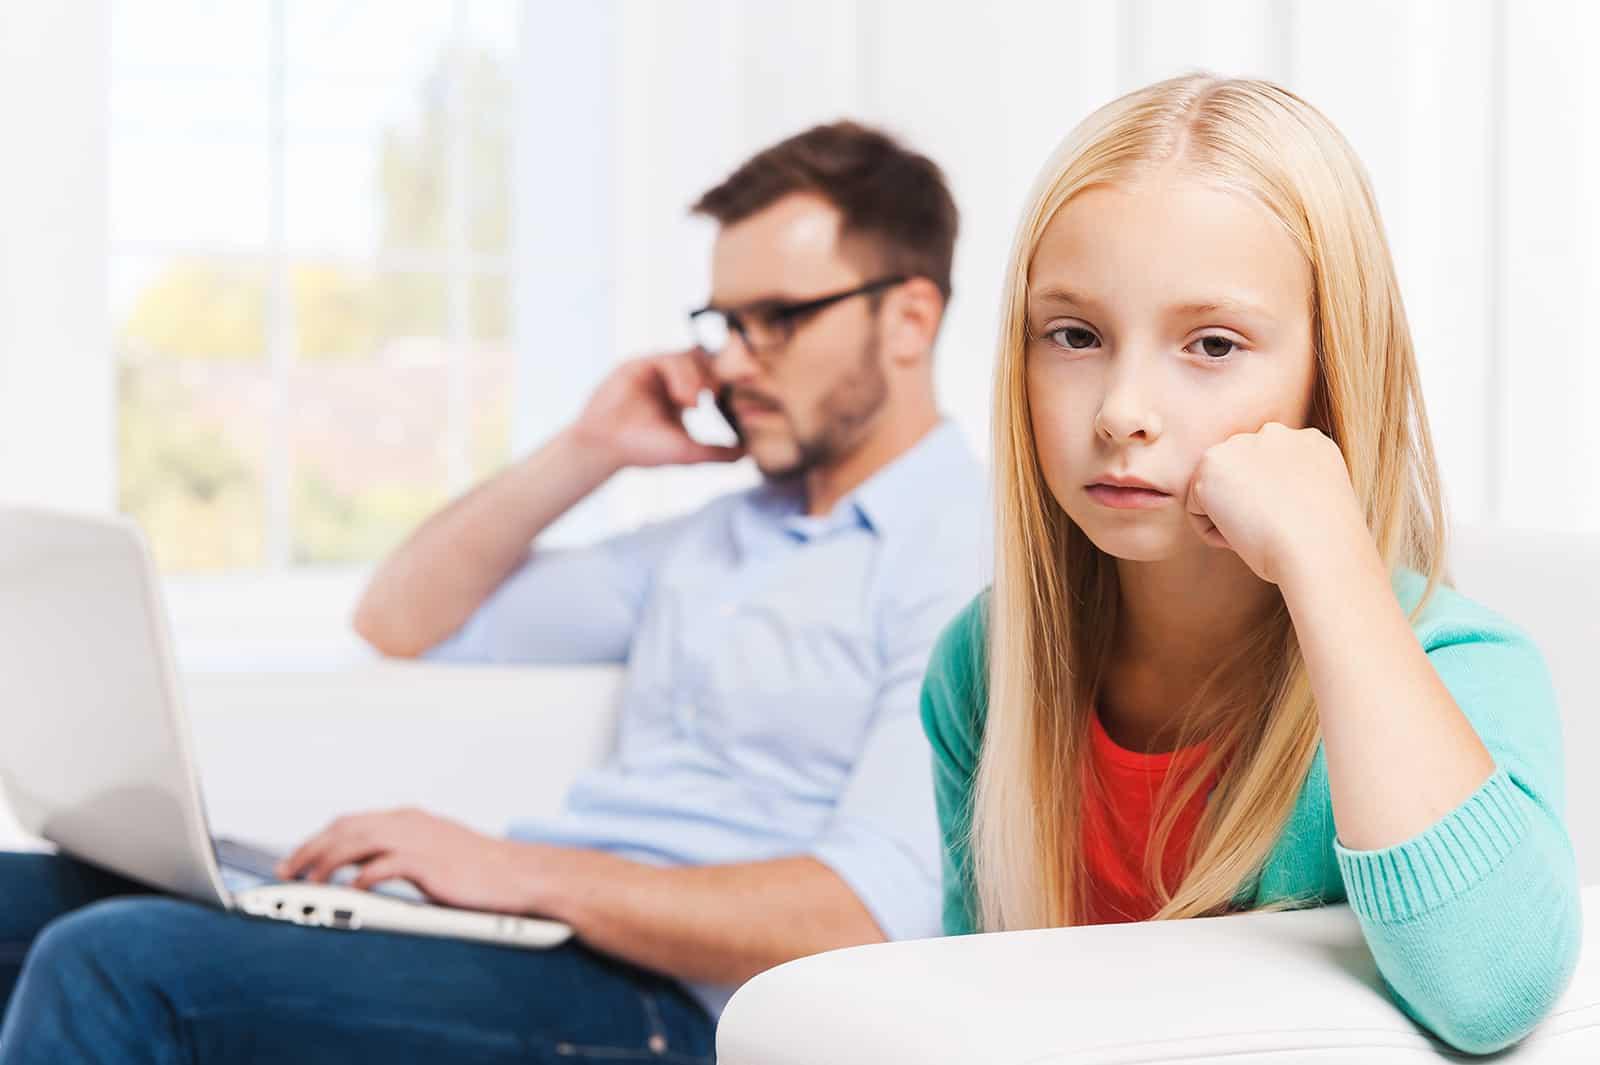 Eine traurige Tochter dreht den Kopf von ihrem beschäftigten Vater, der hinter ihr an einem Laptop arbeitet